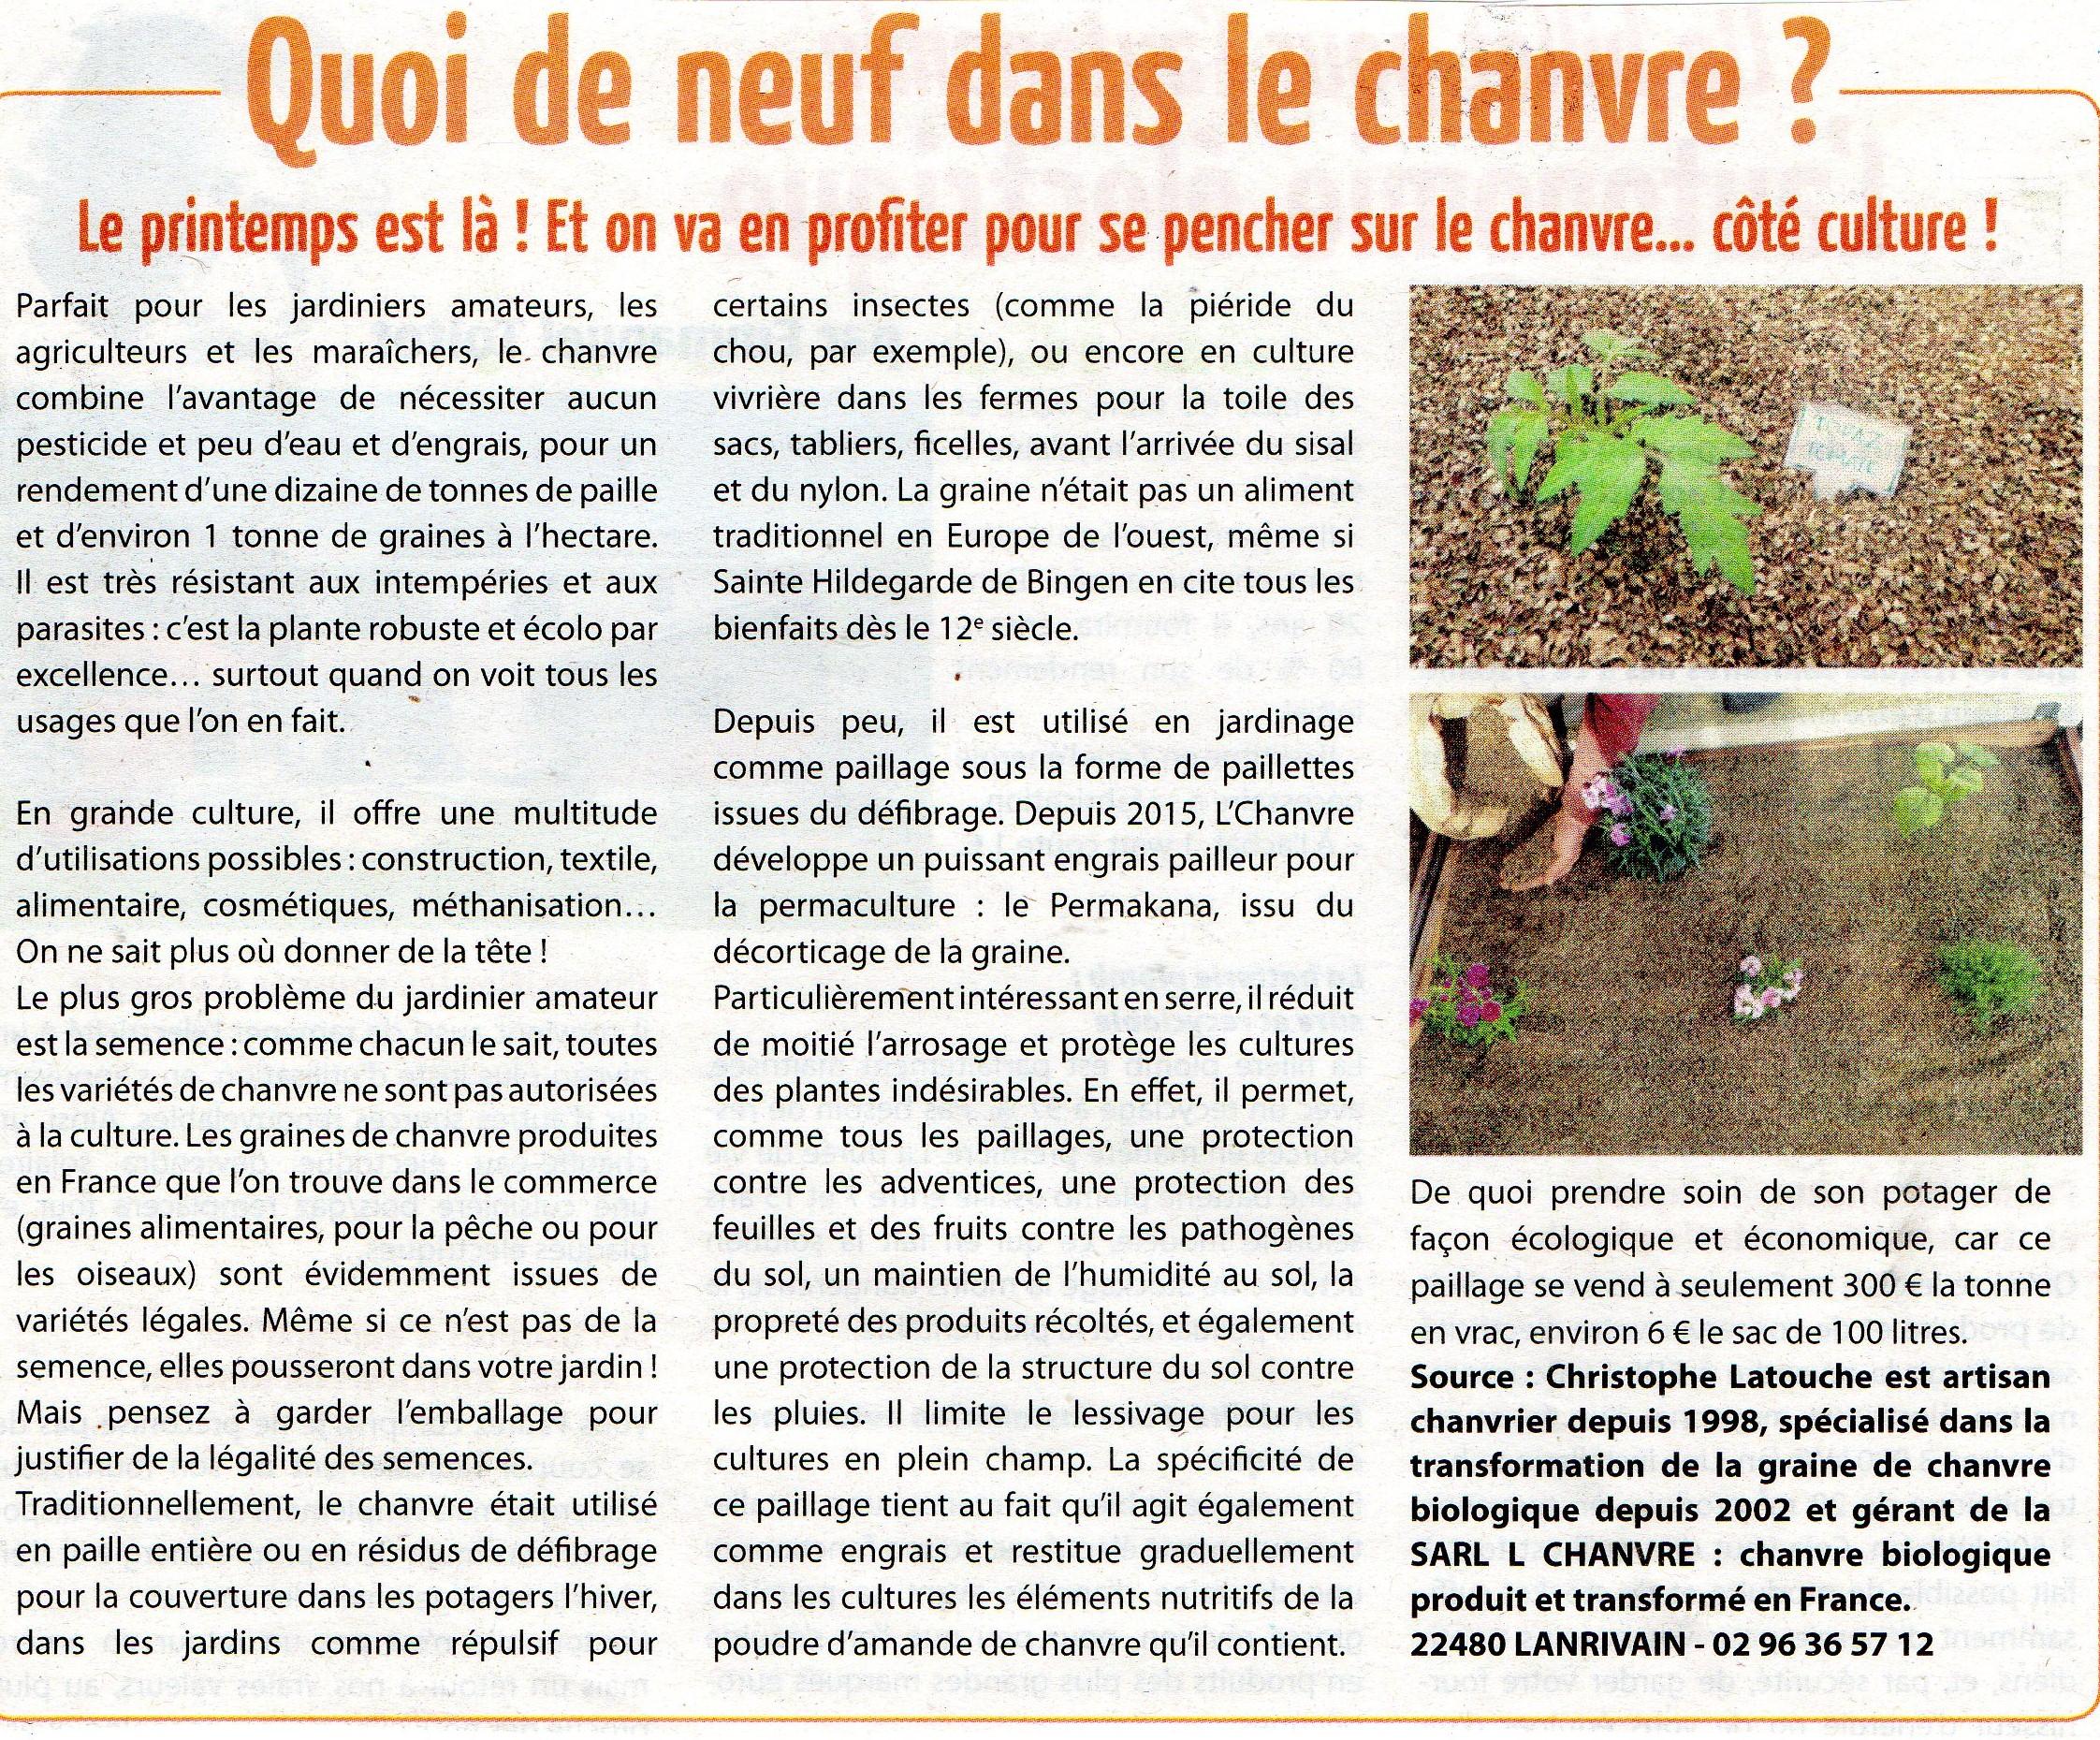 Le chanvre culture d'avenir en Pays Midi-Quercy, en Pays d'OC ?